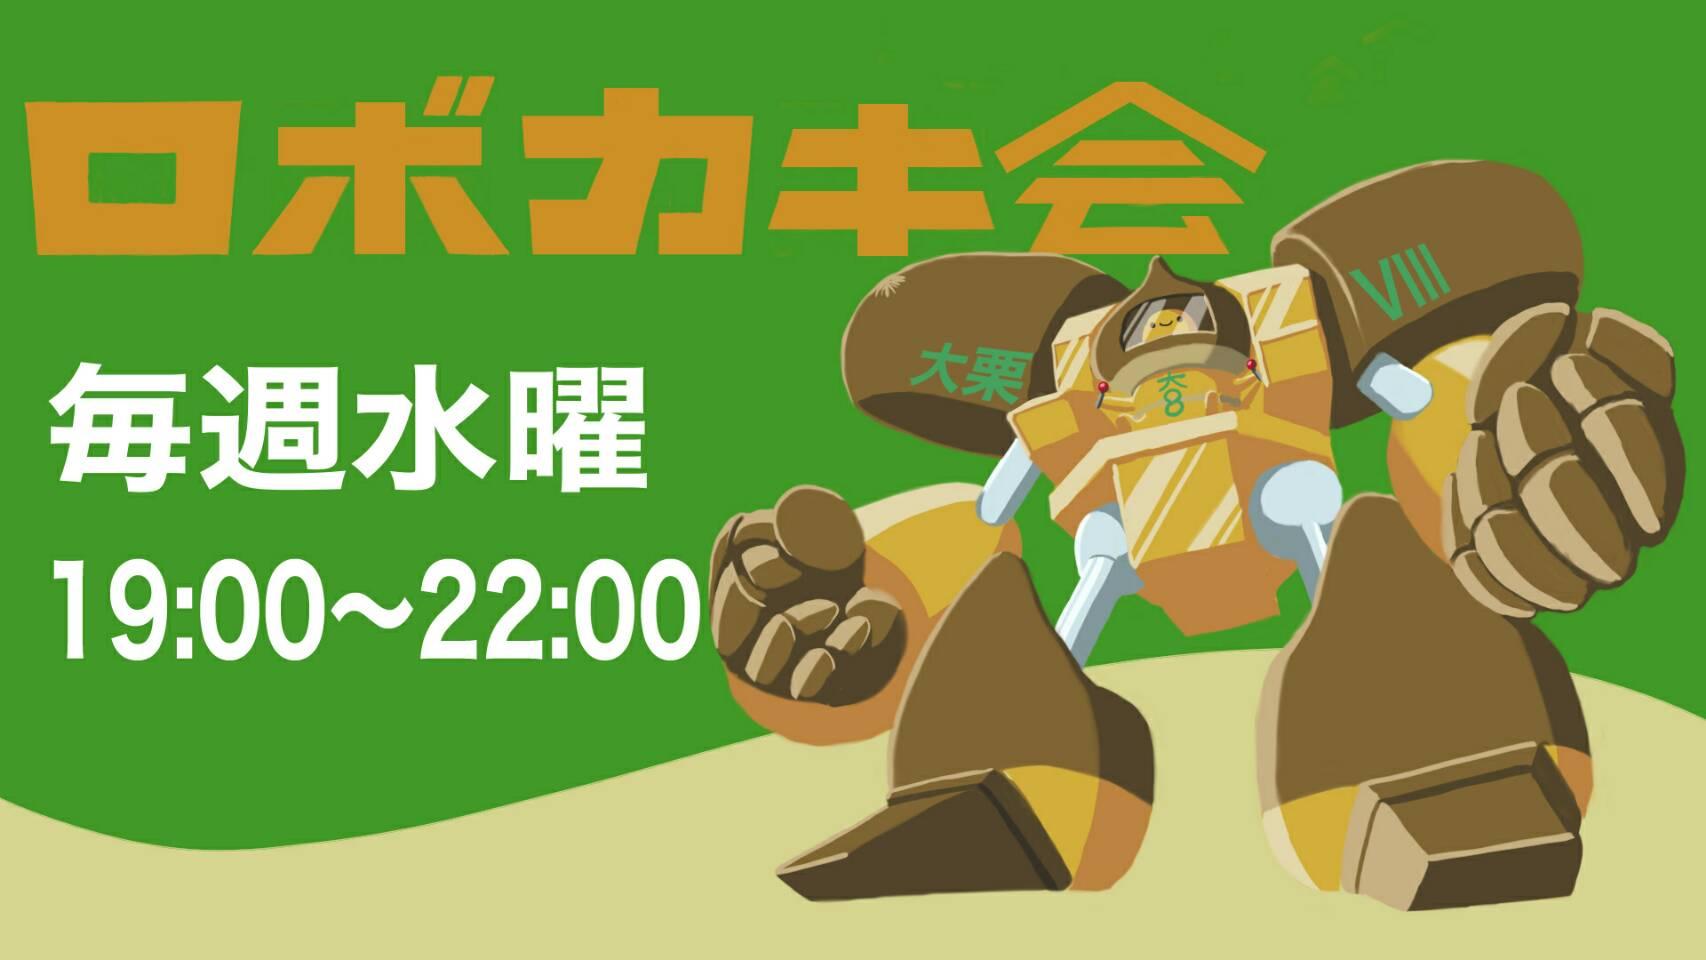 【3月3日(水)19時〜22時】ロボカキ会